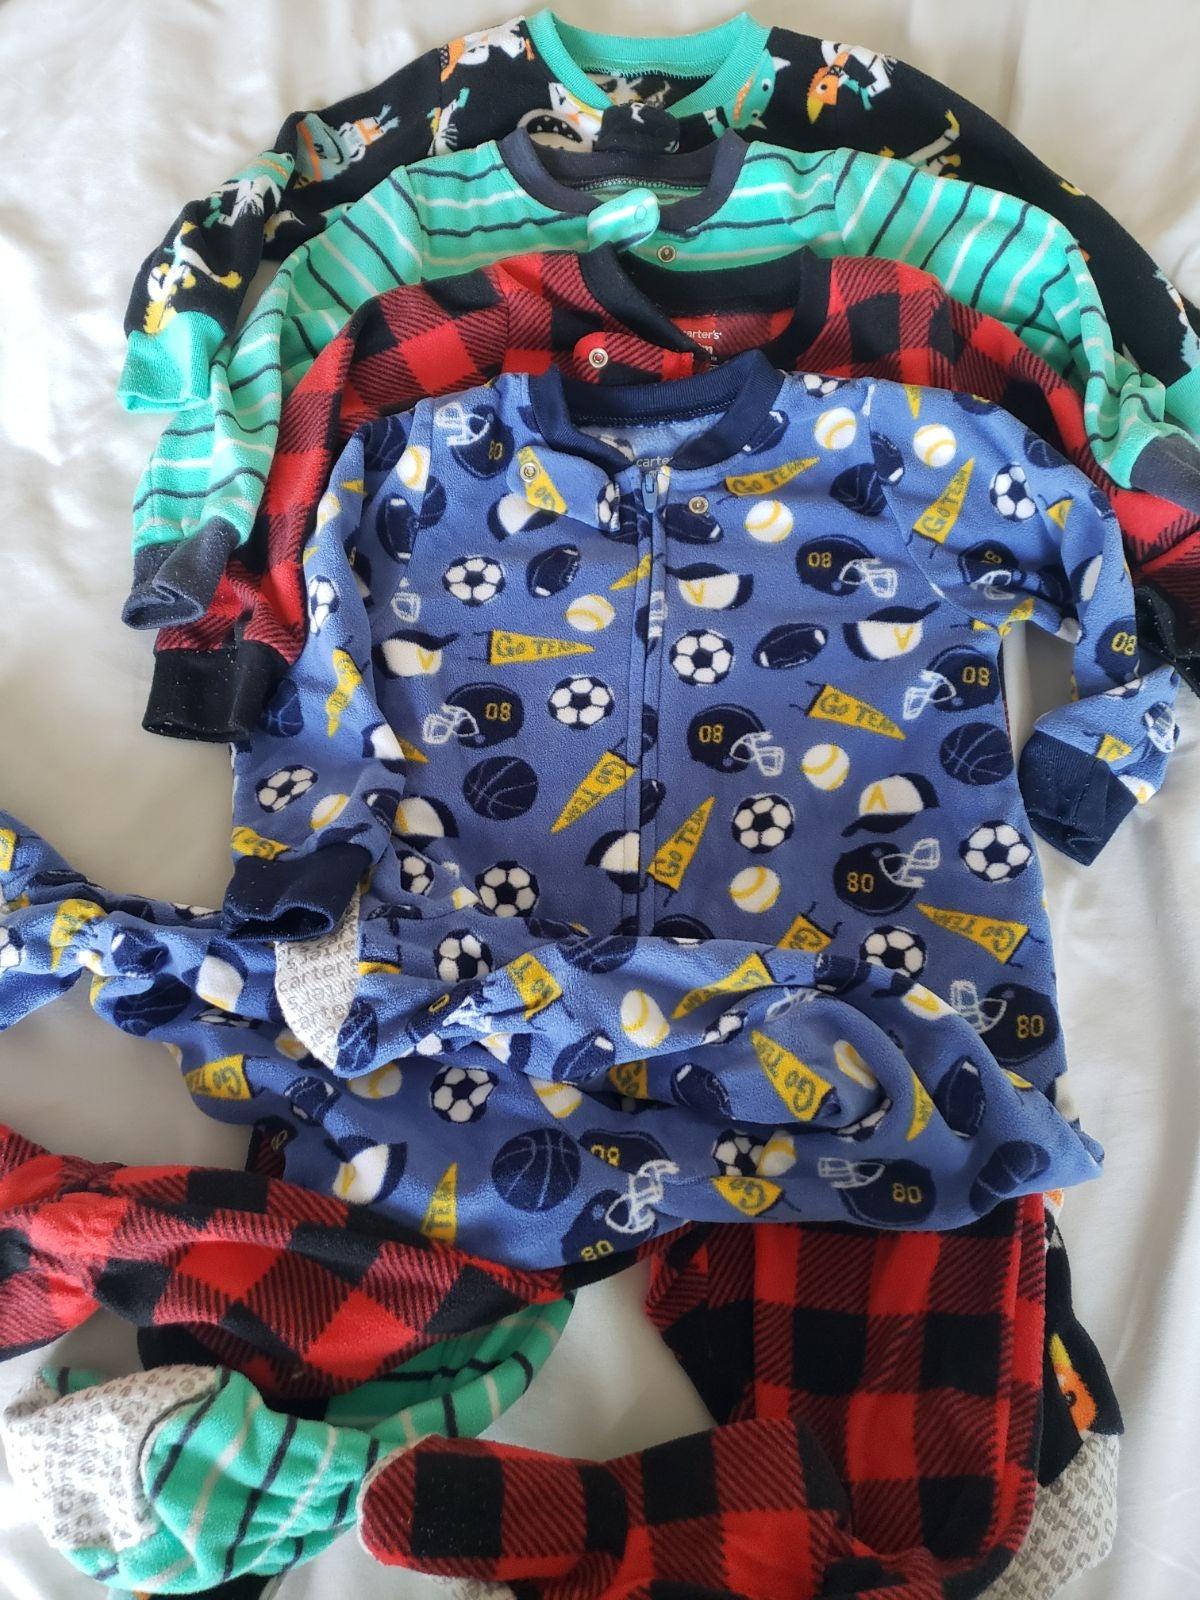 Lot boys 18 month pajamas